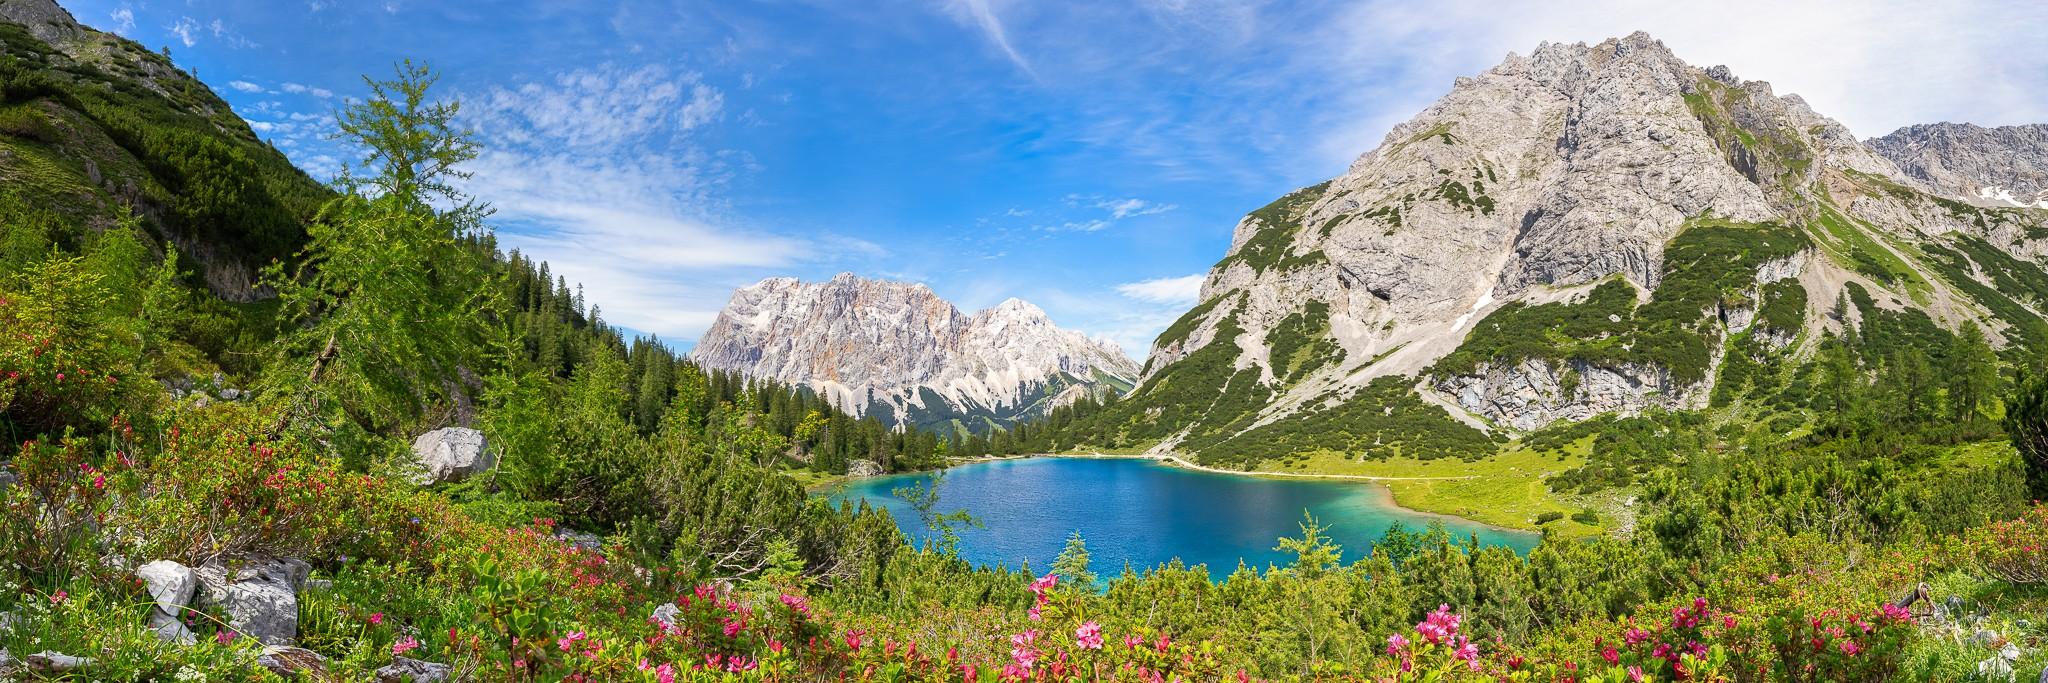 Der Bergsee im Wettersteingebirge (Mieminger Gruppe) liegt idyllisch im Tal mit Blick auf das Zugspitzmassiv mitdem Schneefernerkopf. Im Vordergrund blühen die Almrosen, rund um den See grasen die Kälber.